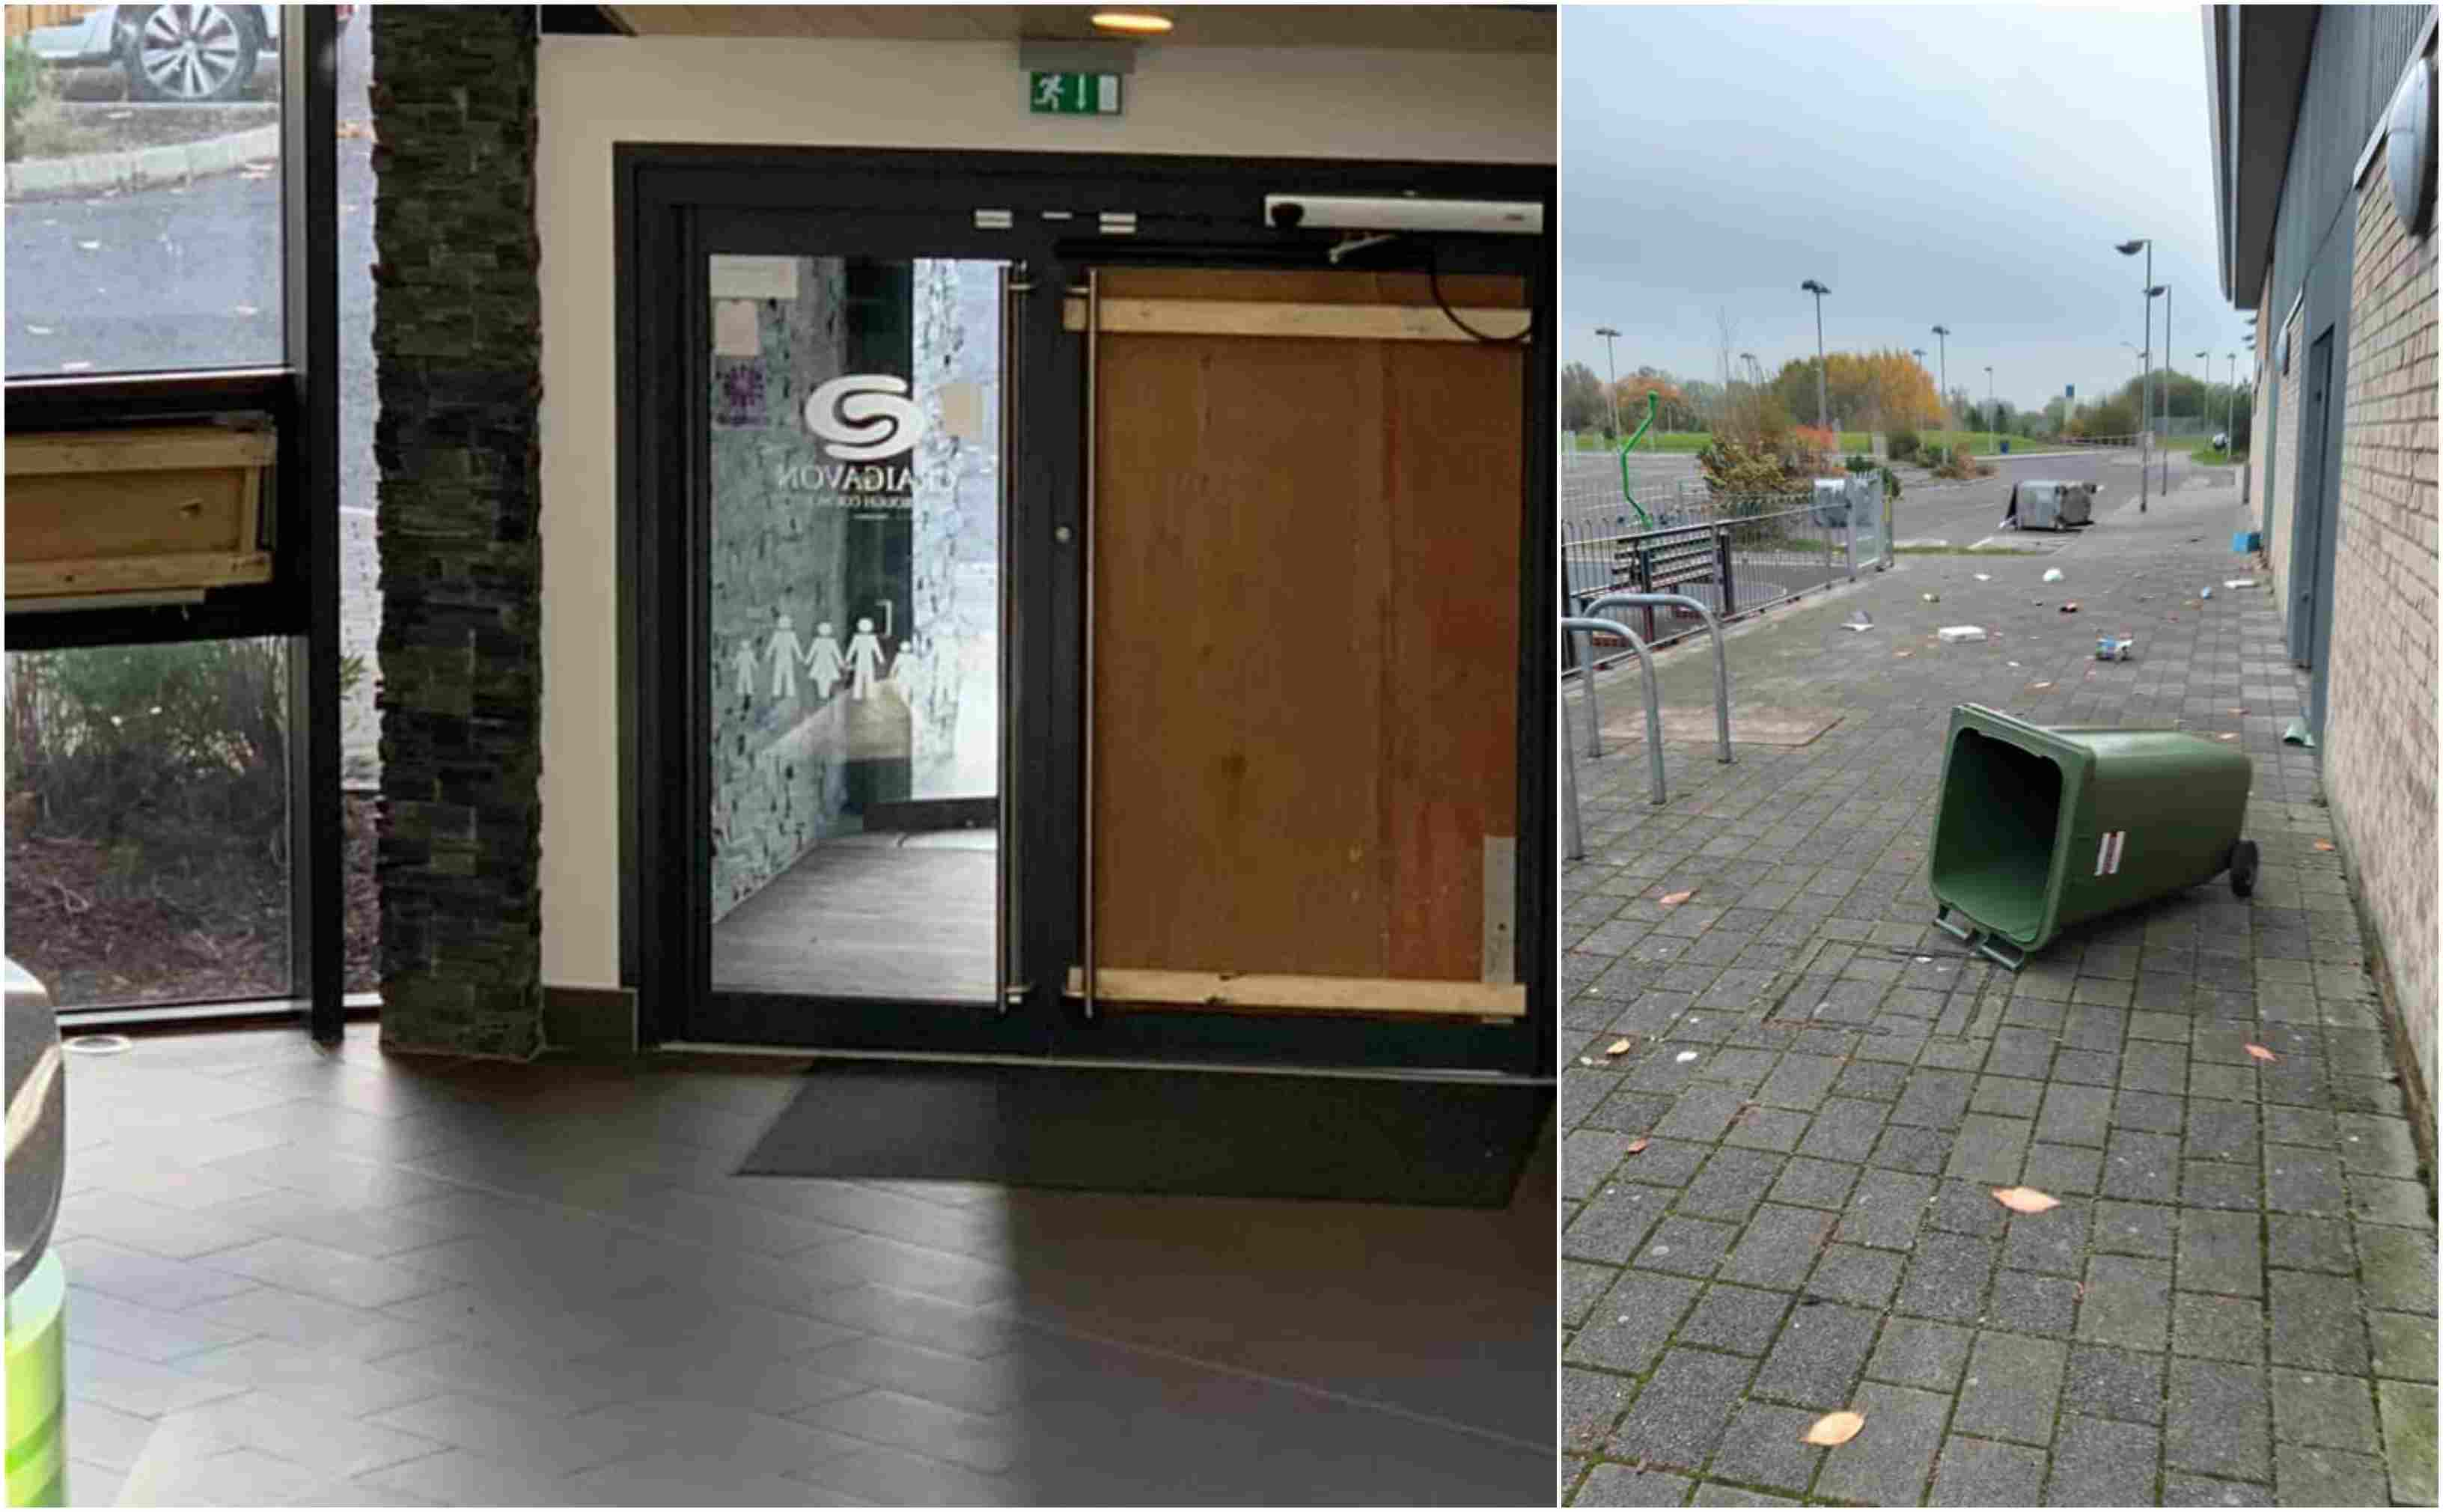 Brownlow Hub vandalised